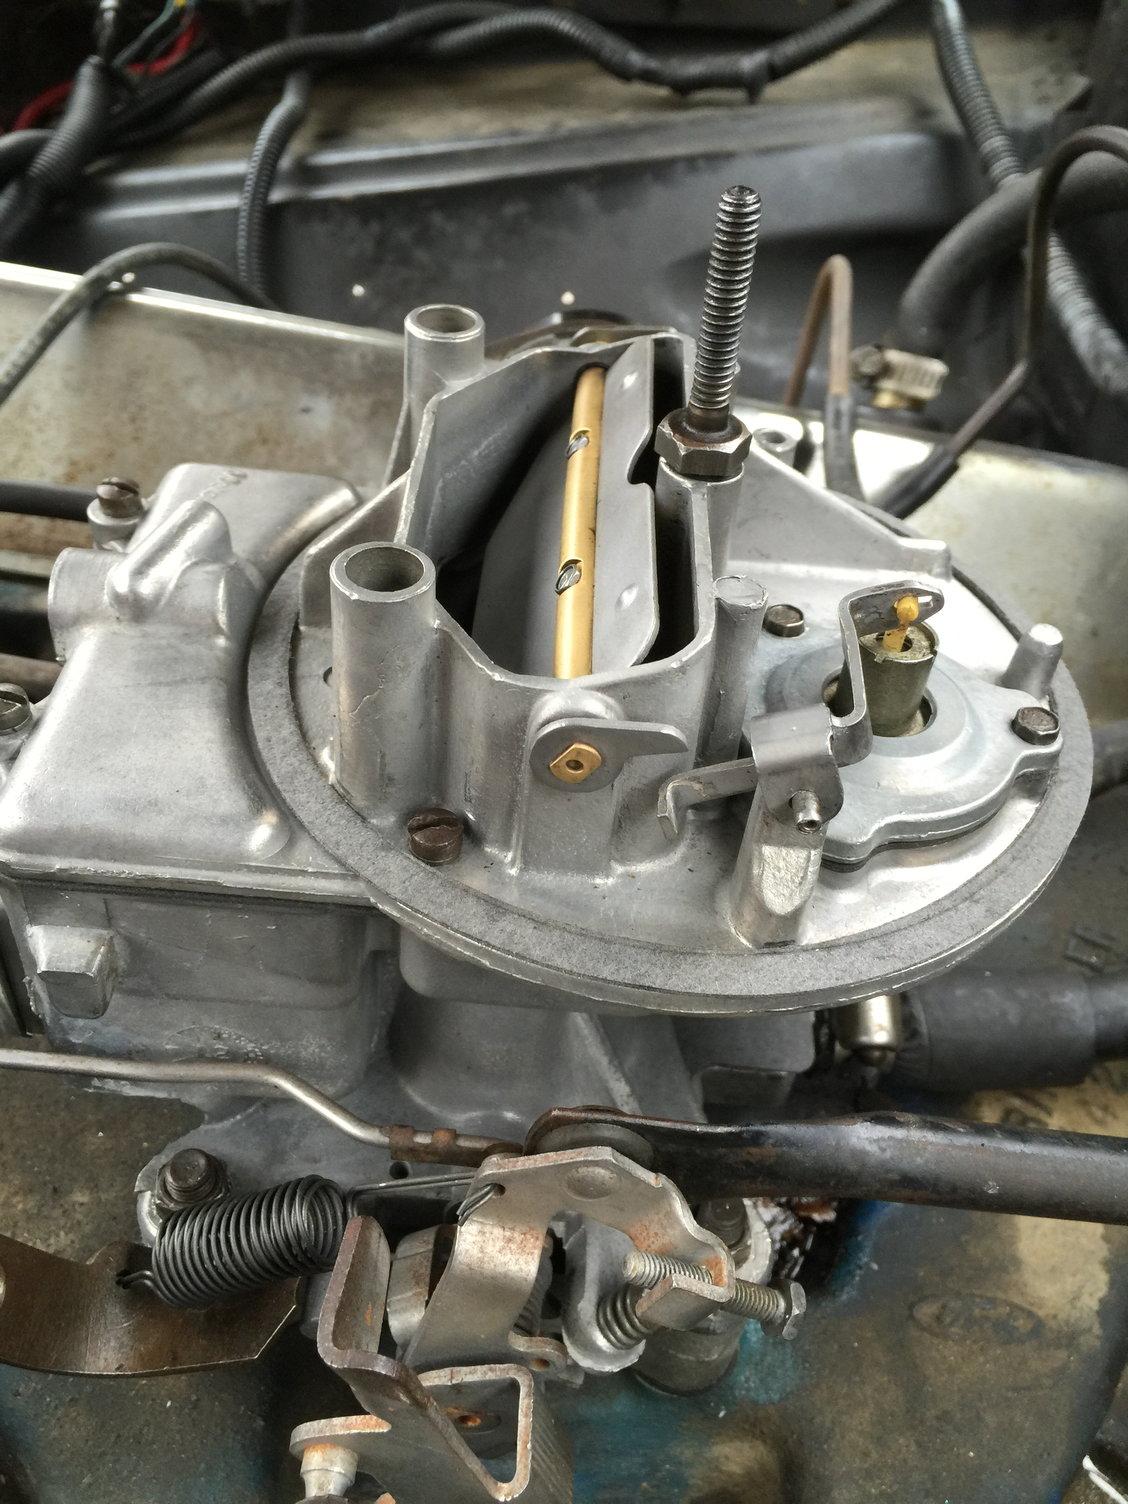 Motorcraft 2-bbl carburetor identification - Ford Truck